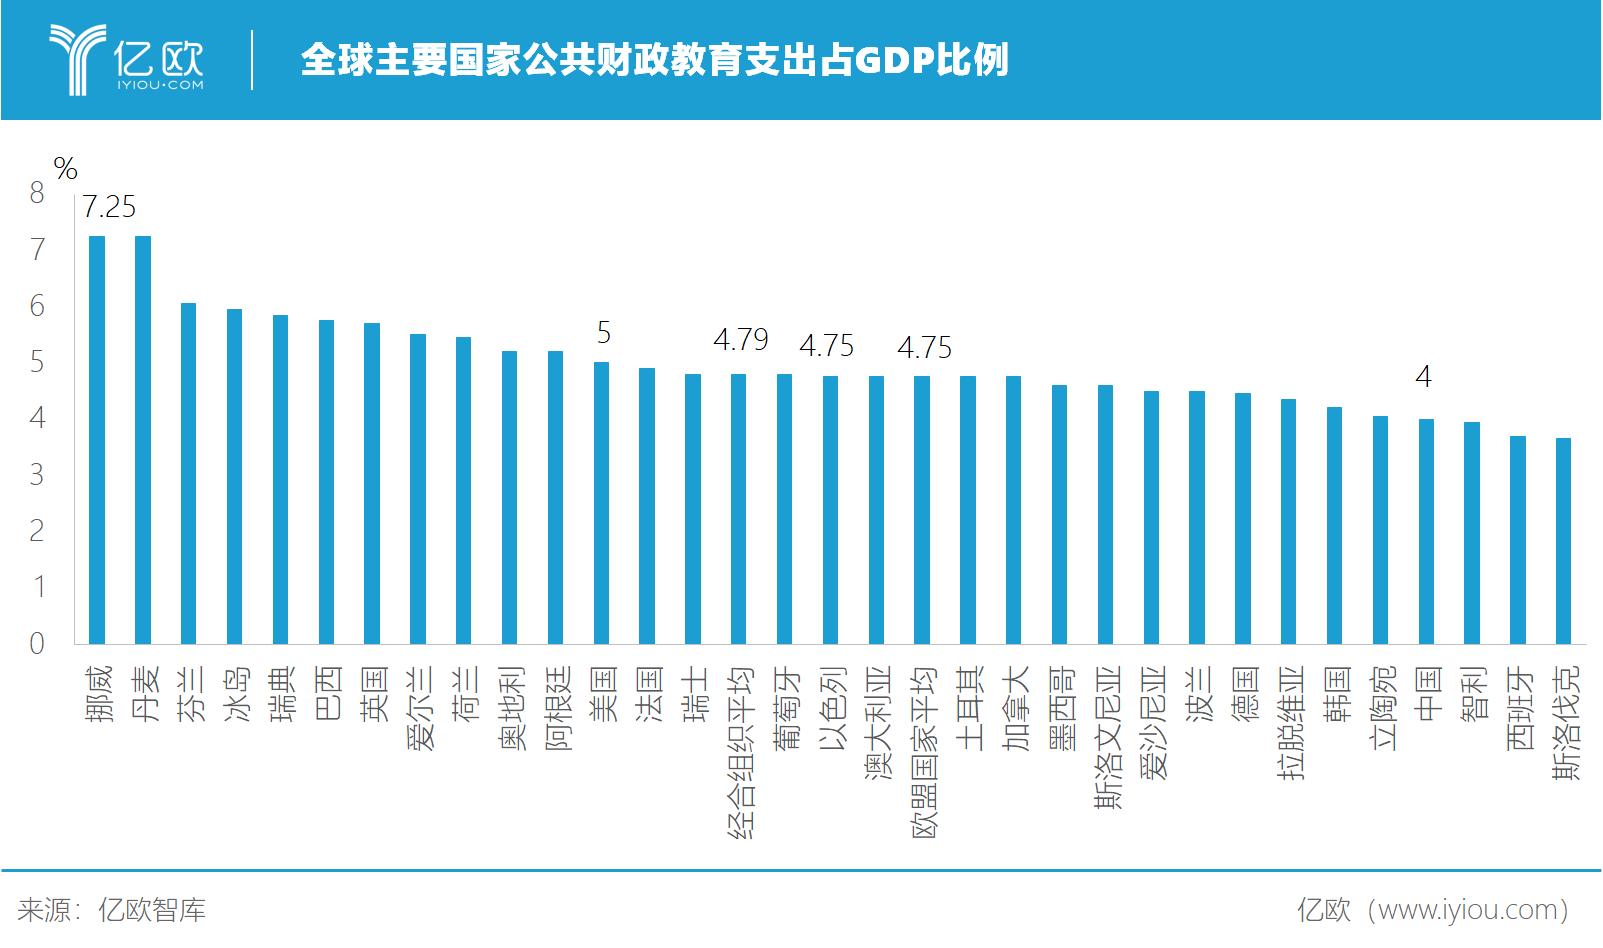 全球主要国家公共财政教育支出占GDP比例